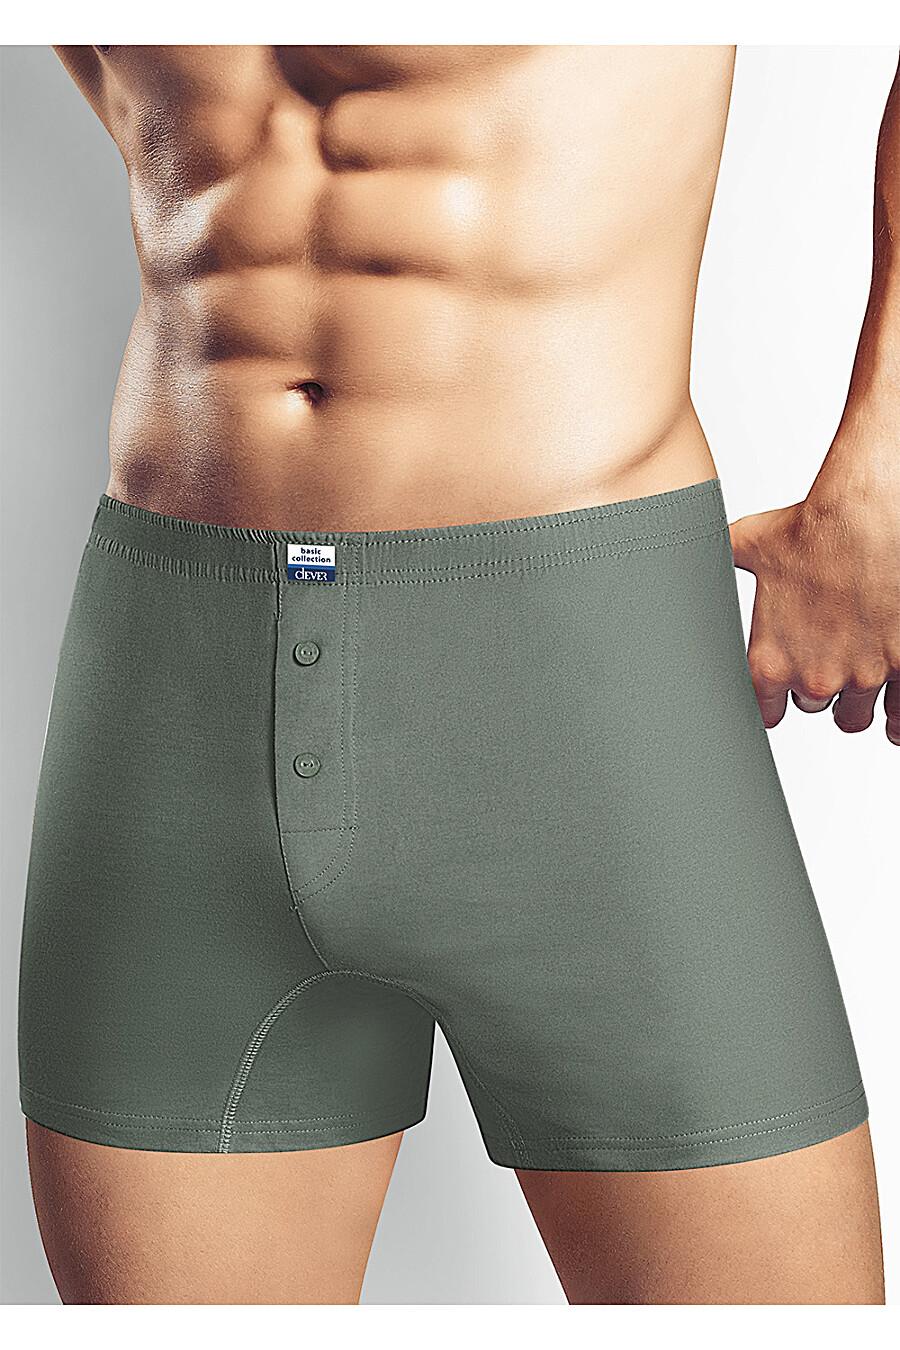 Трусы для мужчин CLEVER 151962 купить оптом от производителя. Совместная покупка мужской одежды в OptMoyo